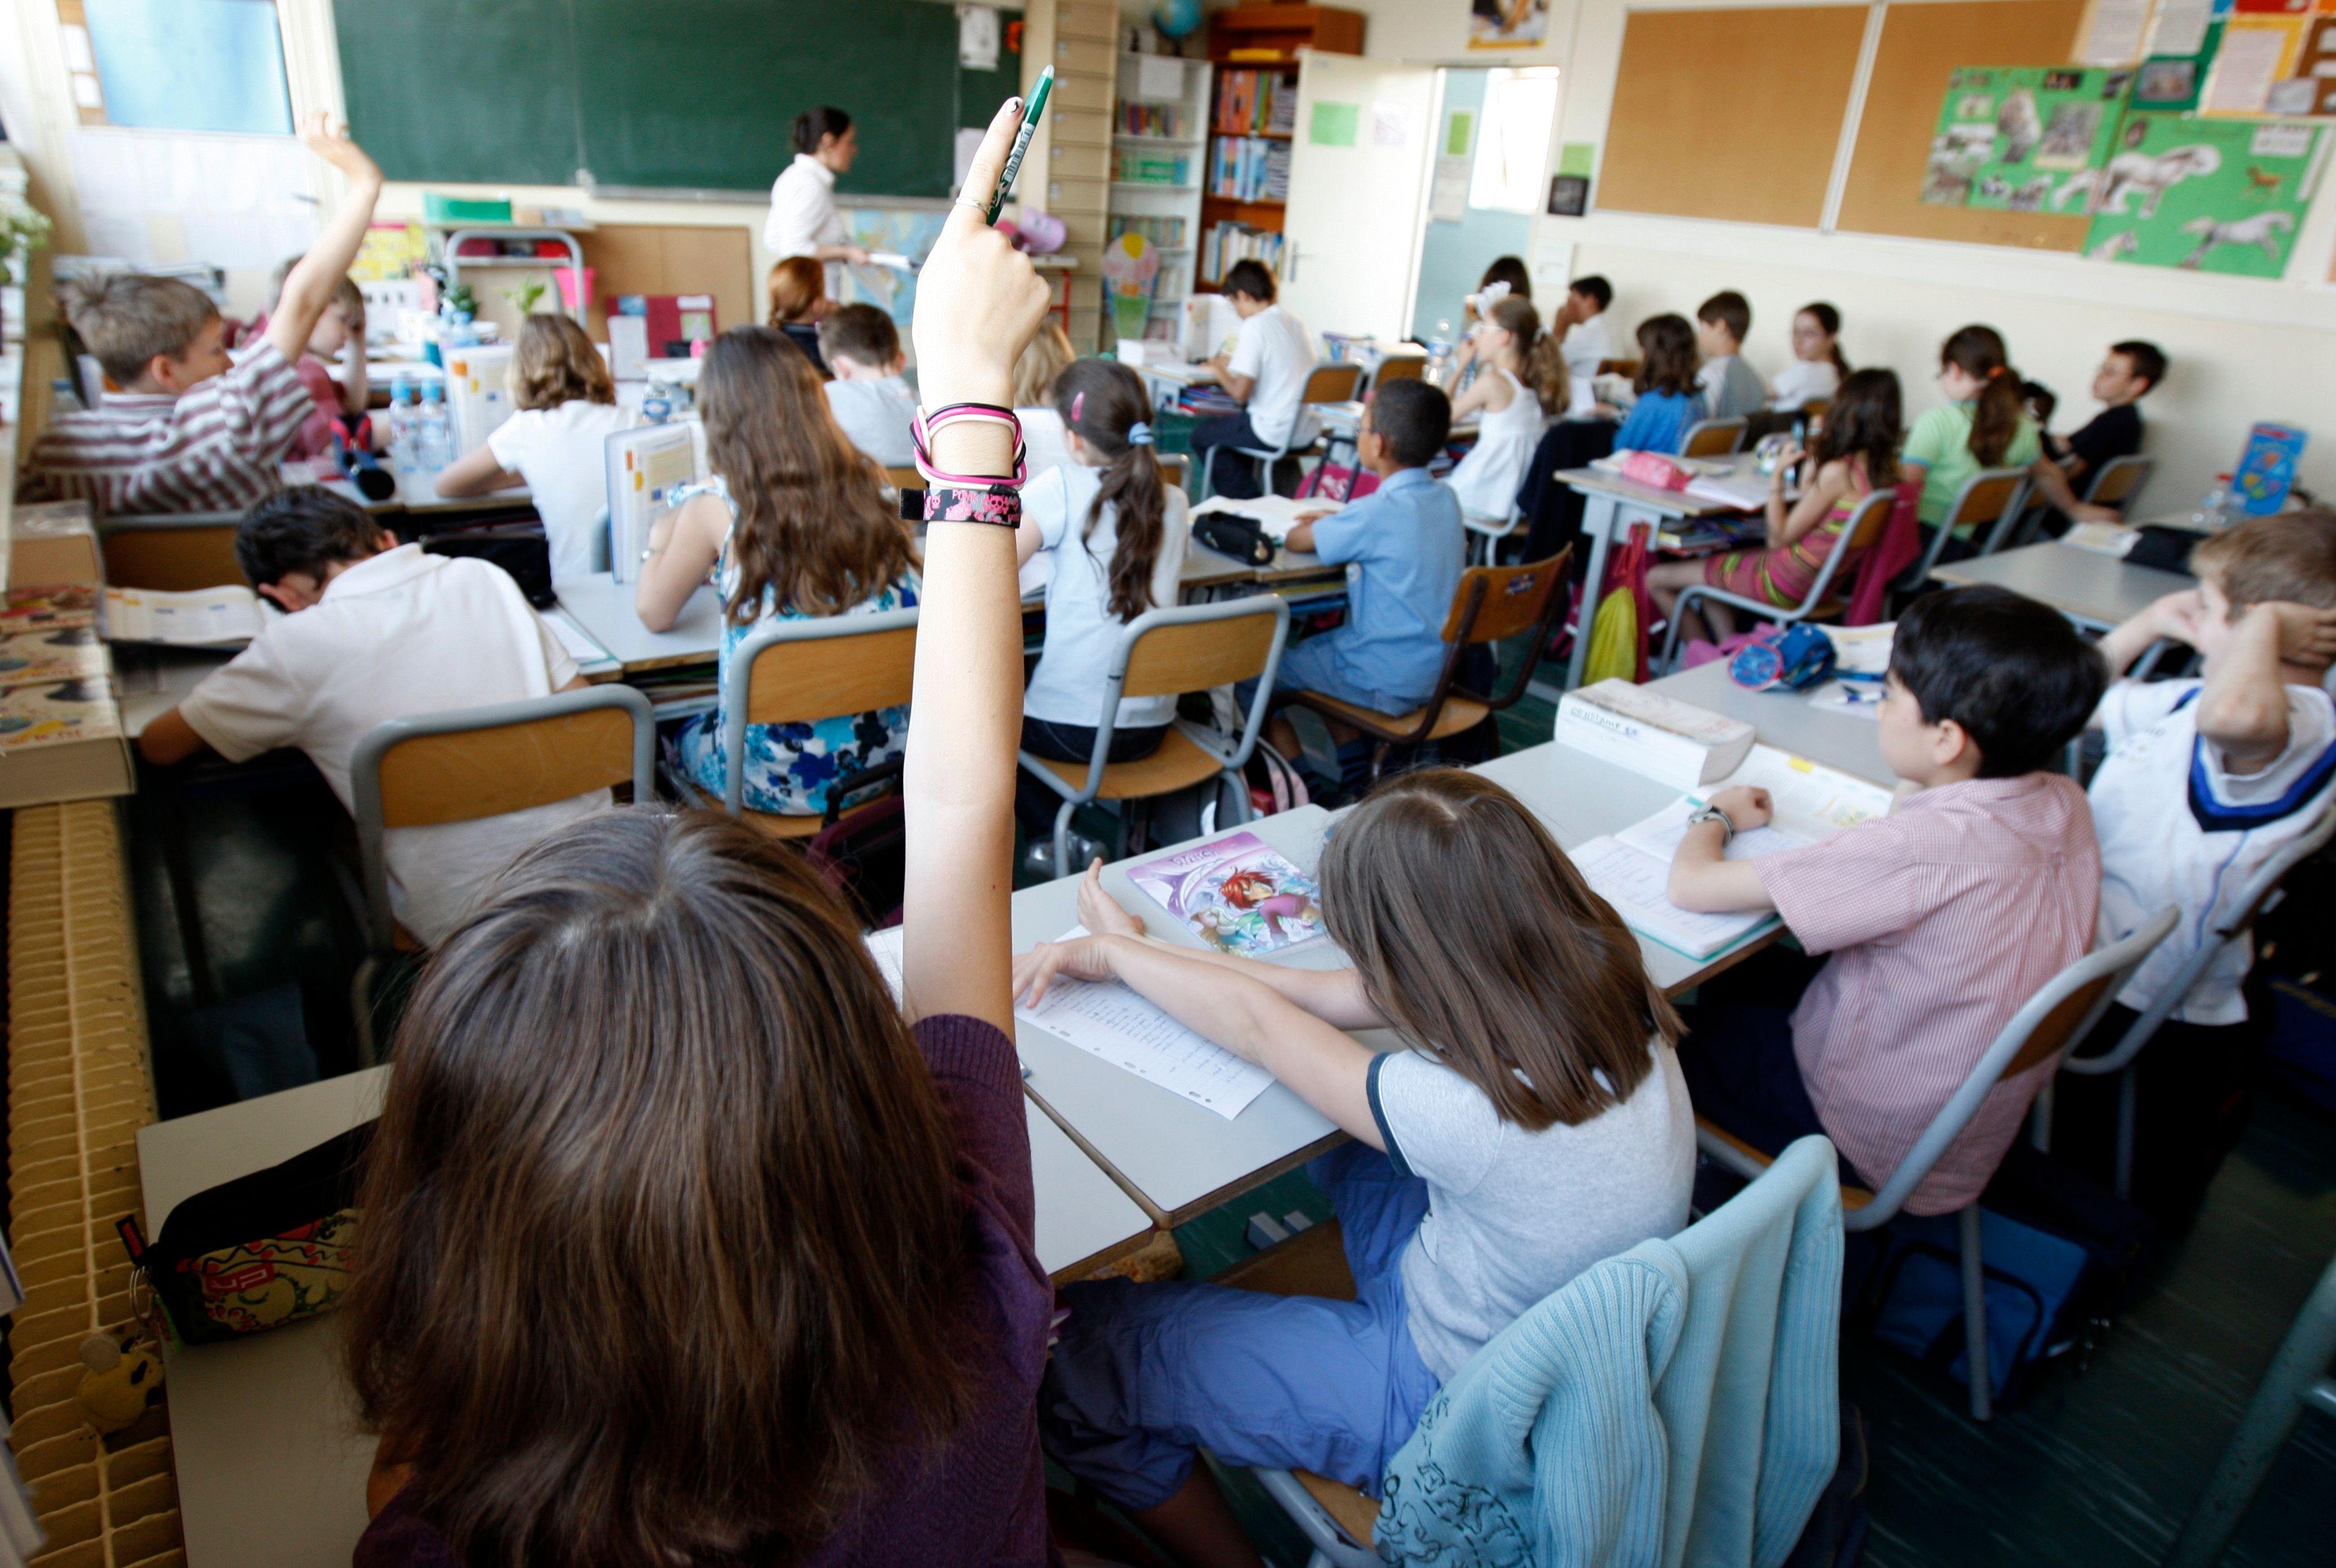 Education : Plusieurs études convergent pour dire que mieux payer les enseignants est le meilleur moyen d'améliorer la situation des jeunes enfants